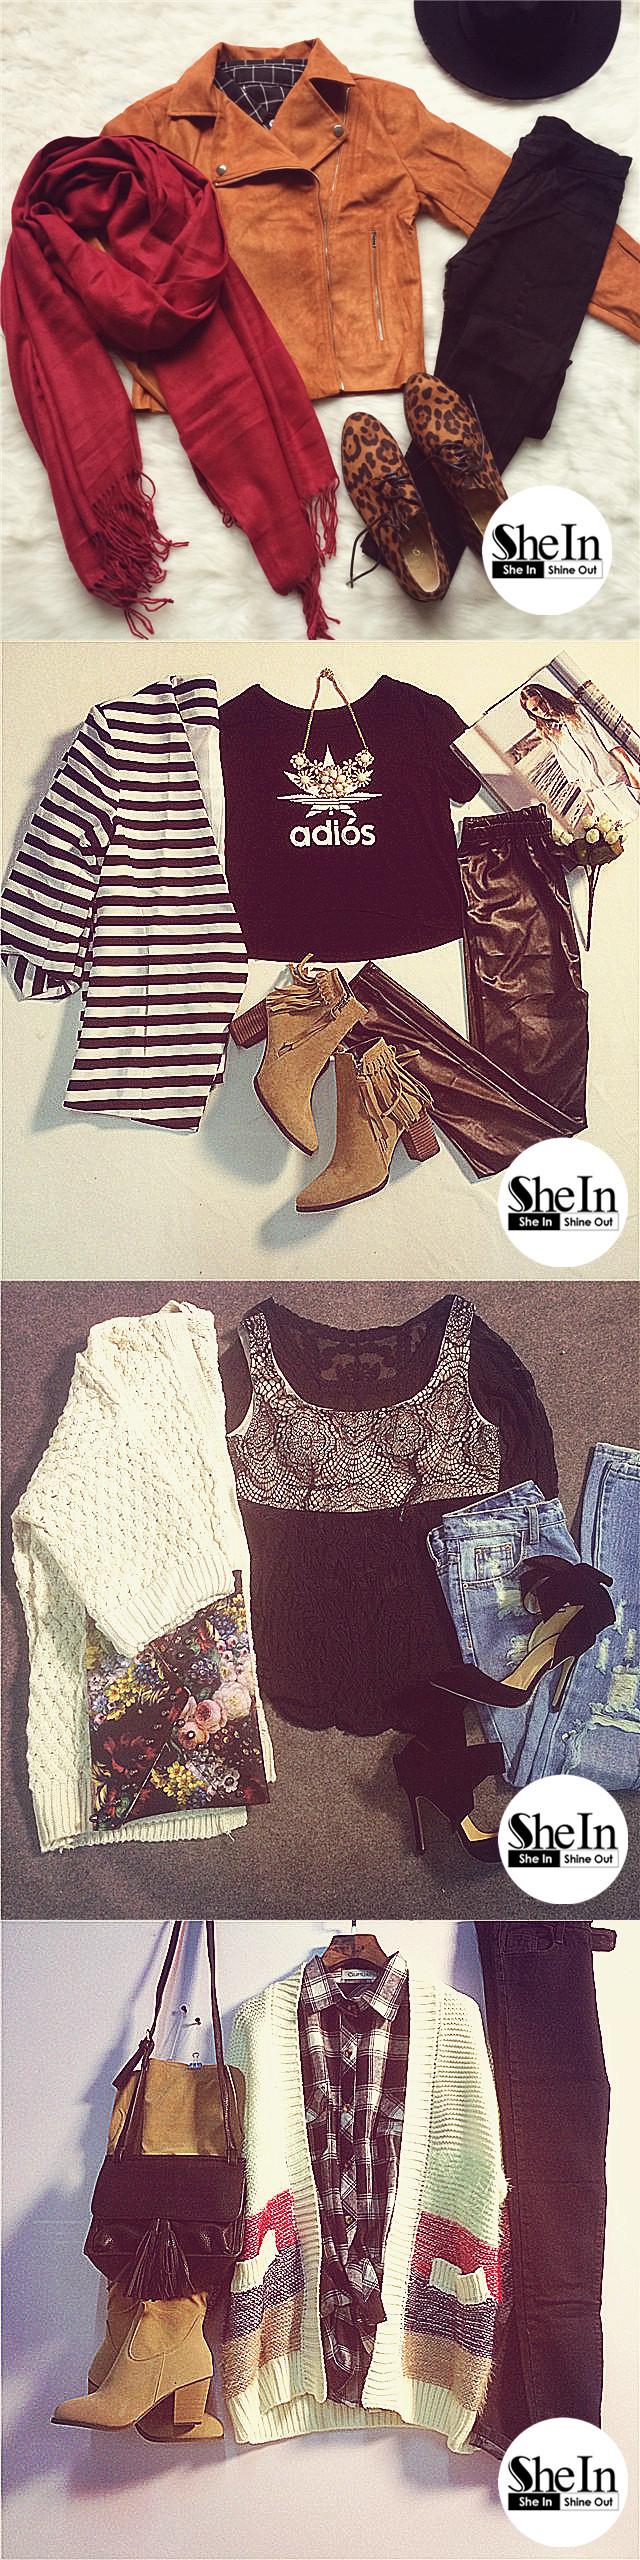 More Fashion Inspo -SheIn